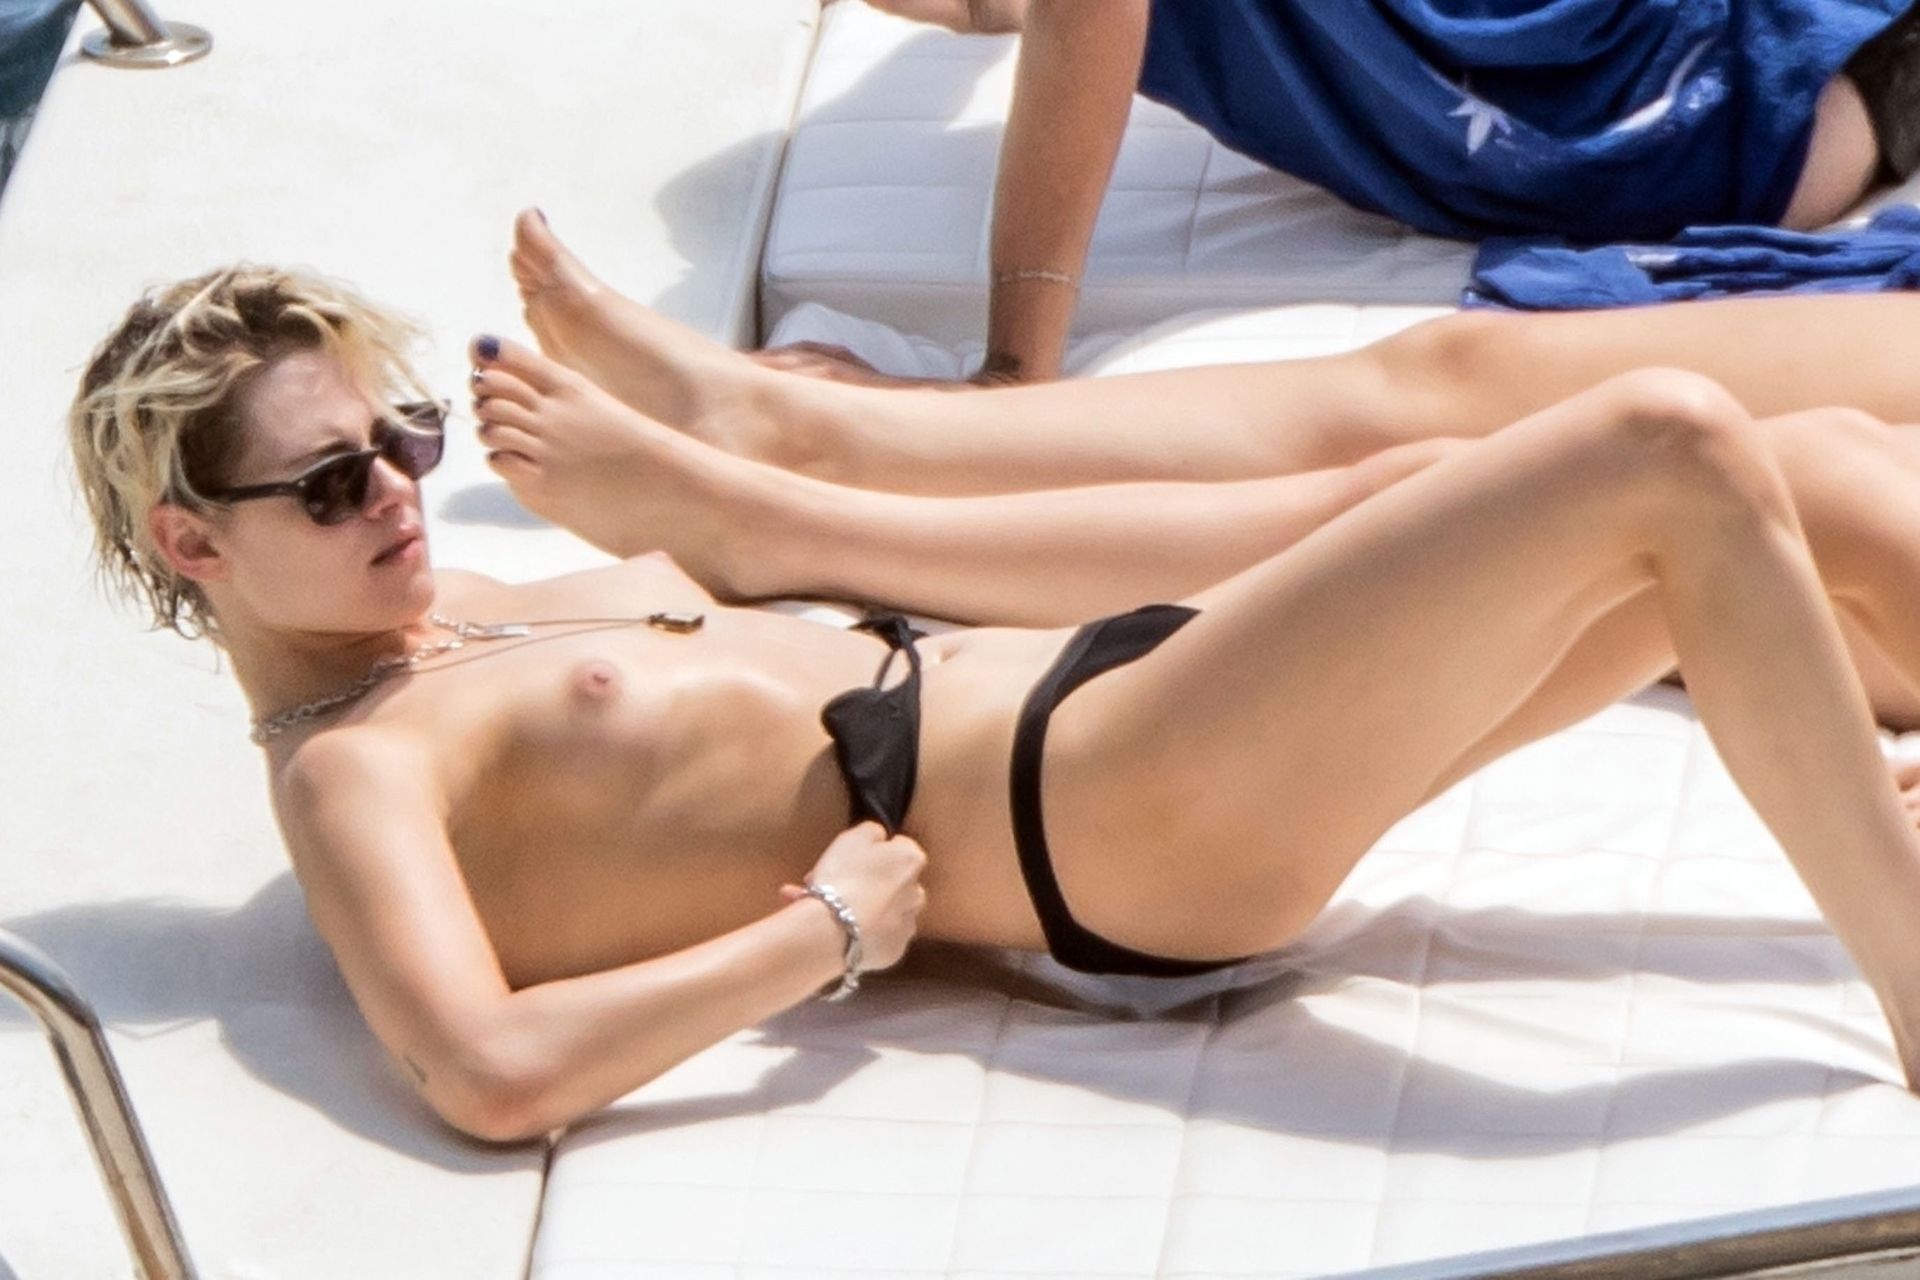 Kristen stewart and emma watson boobs